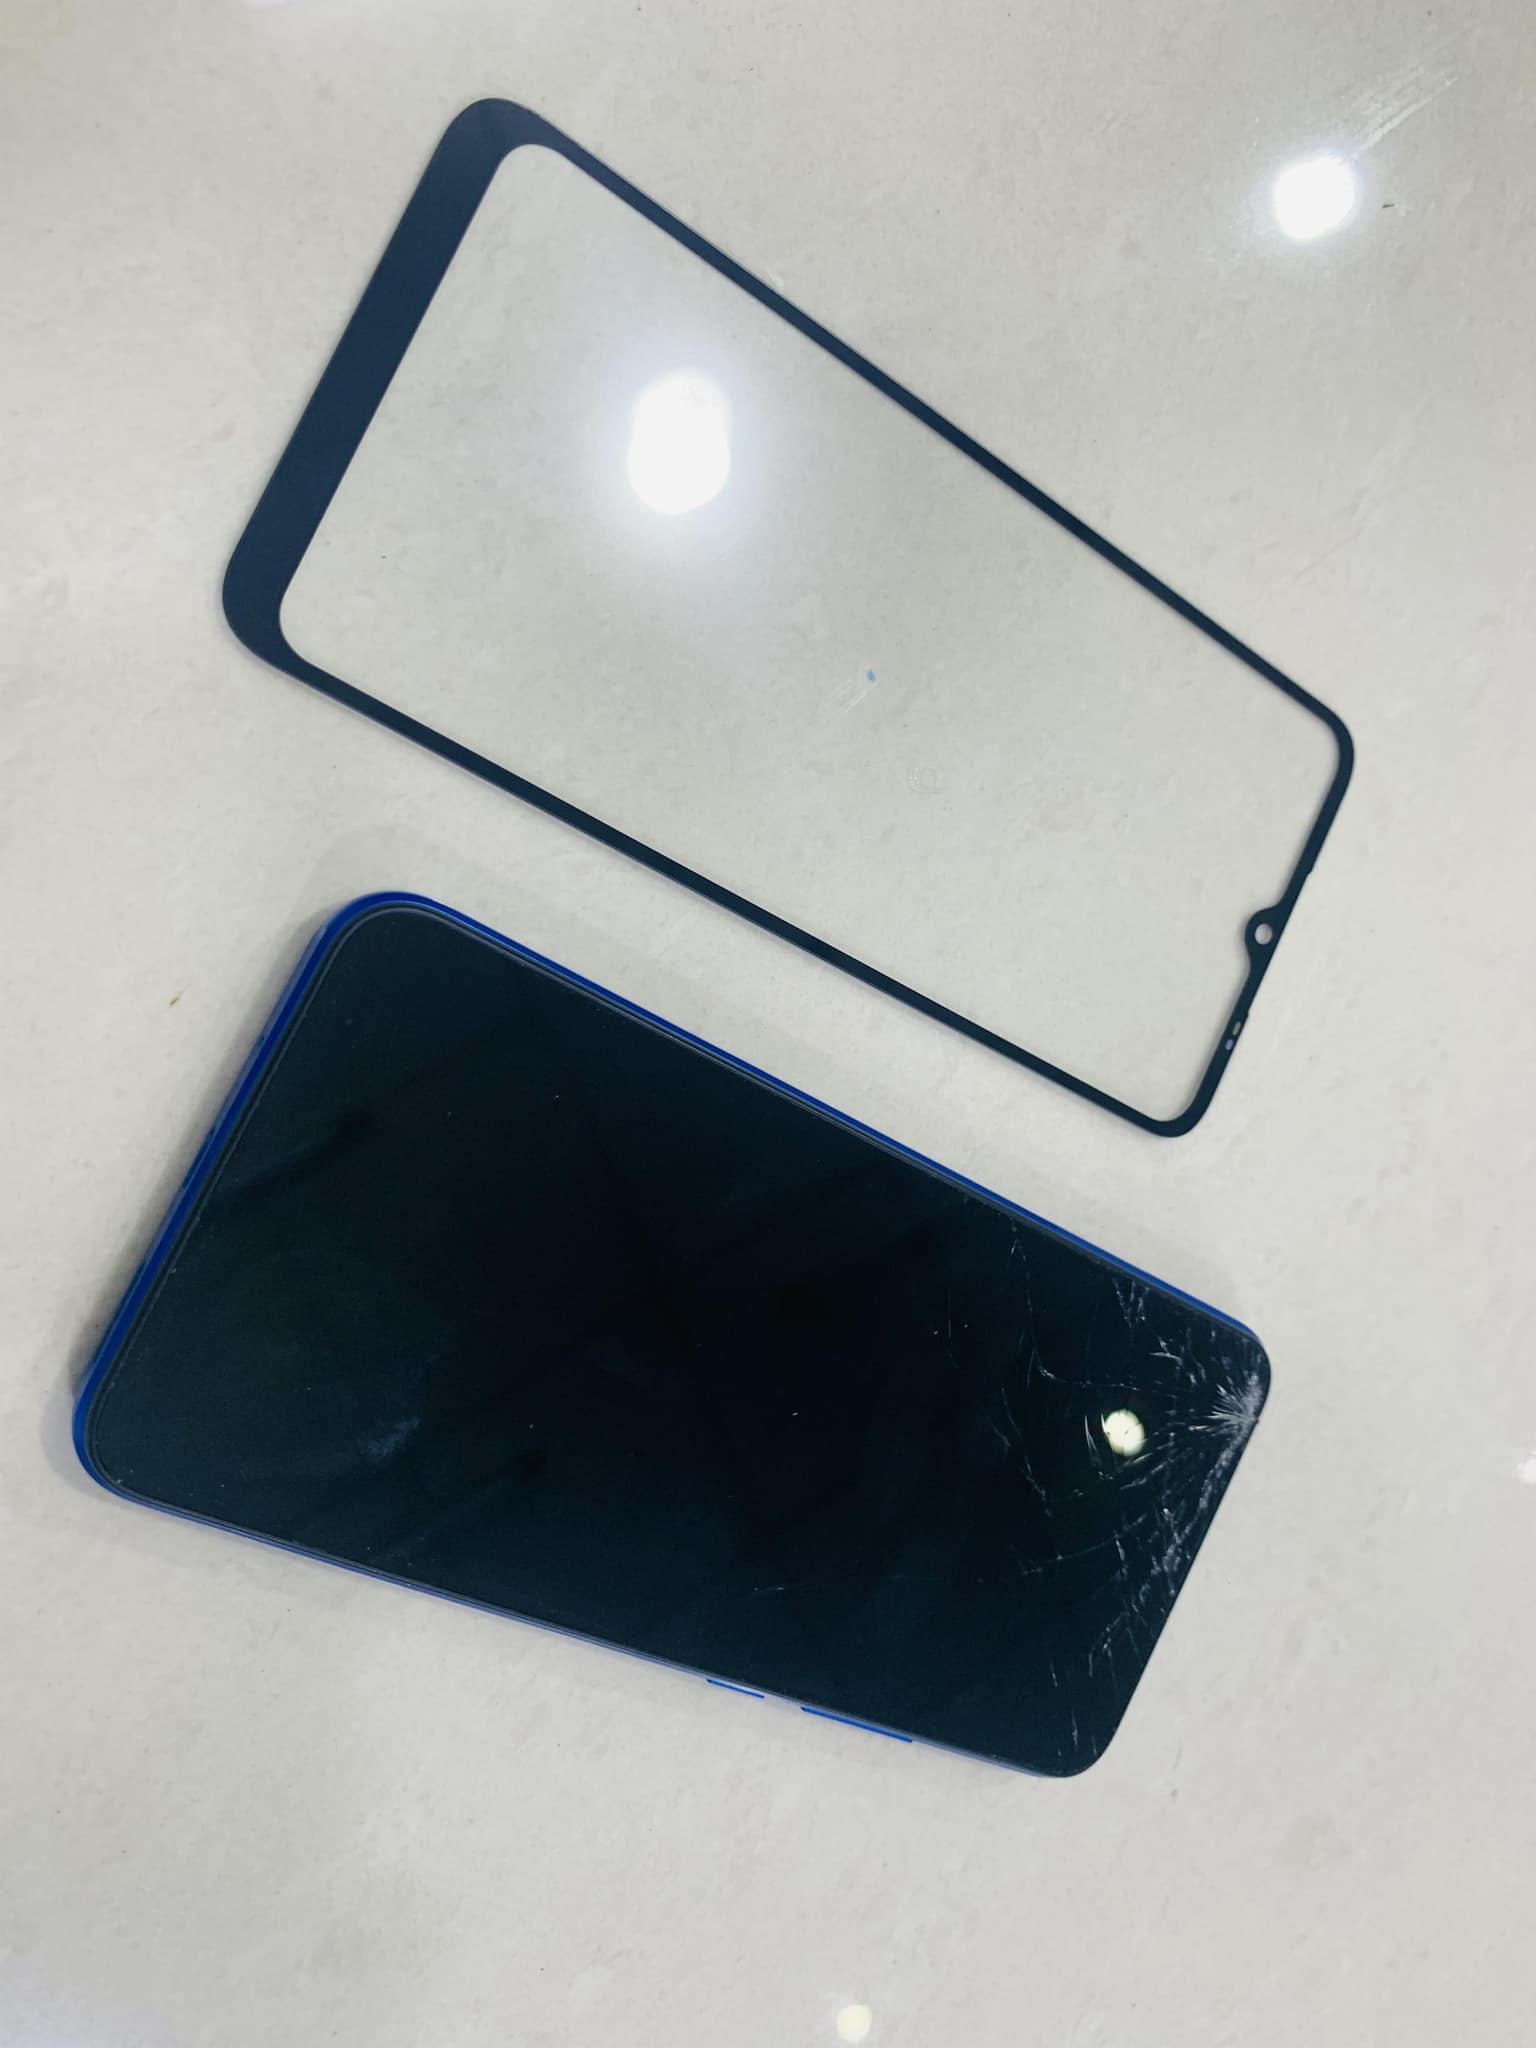 Ép Kính Xiaomi Redmi 9A Chất Lượng Uy Tín Tại Bà Rịa Vũng Tàu